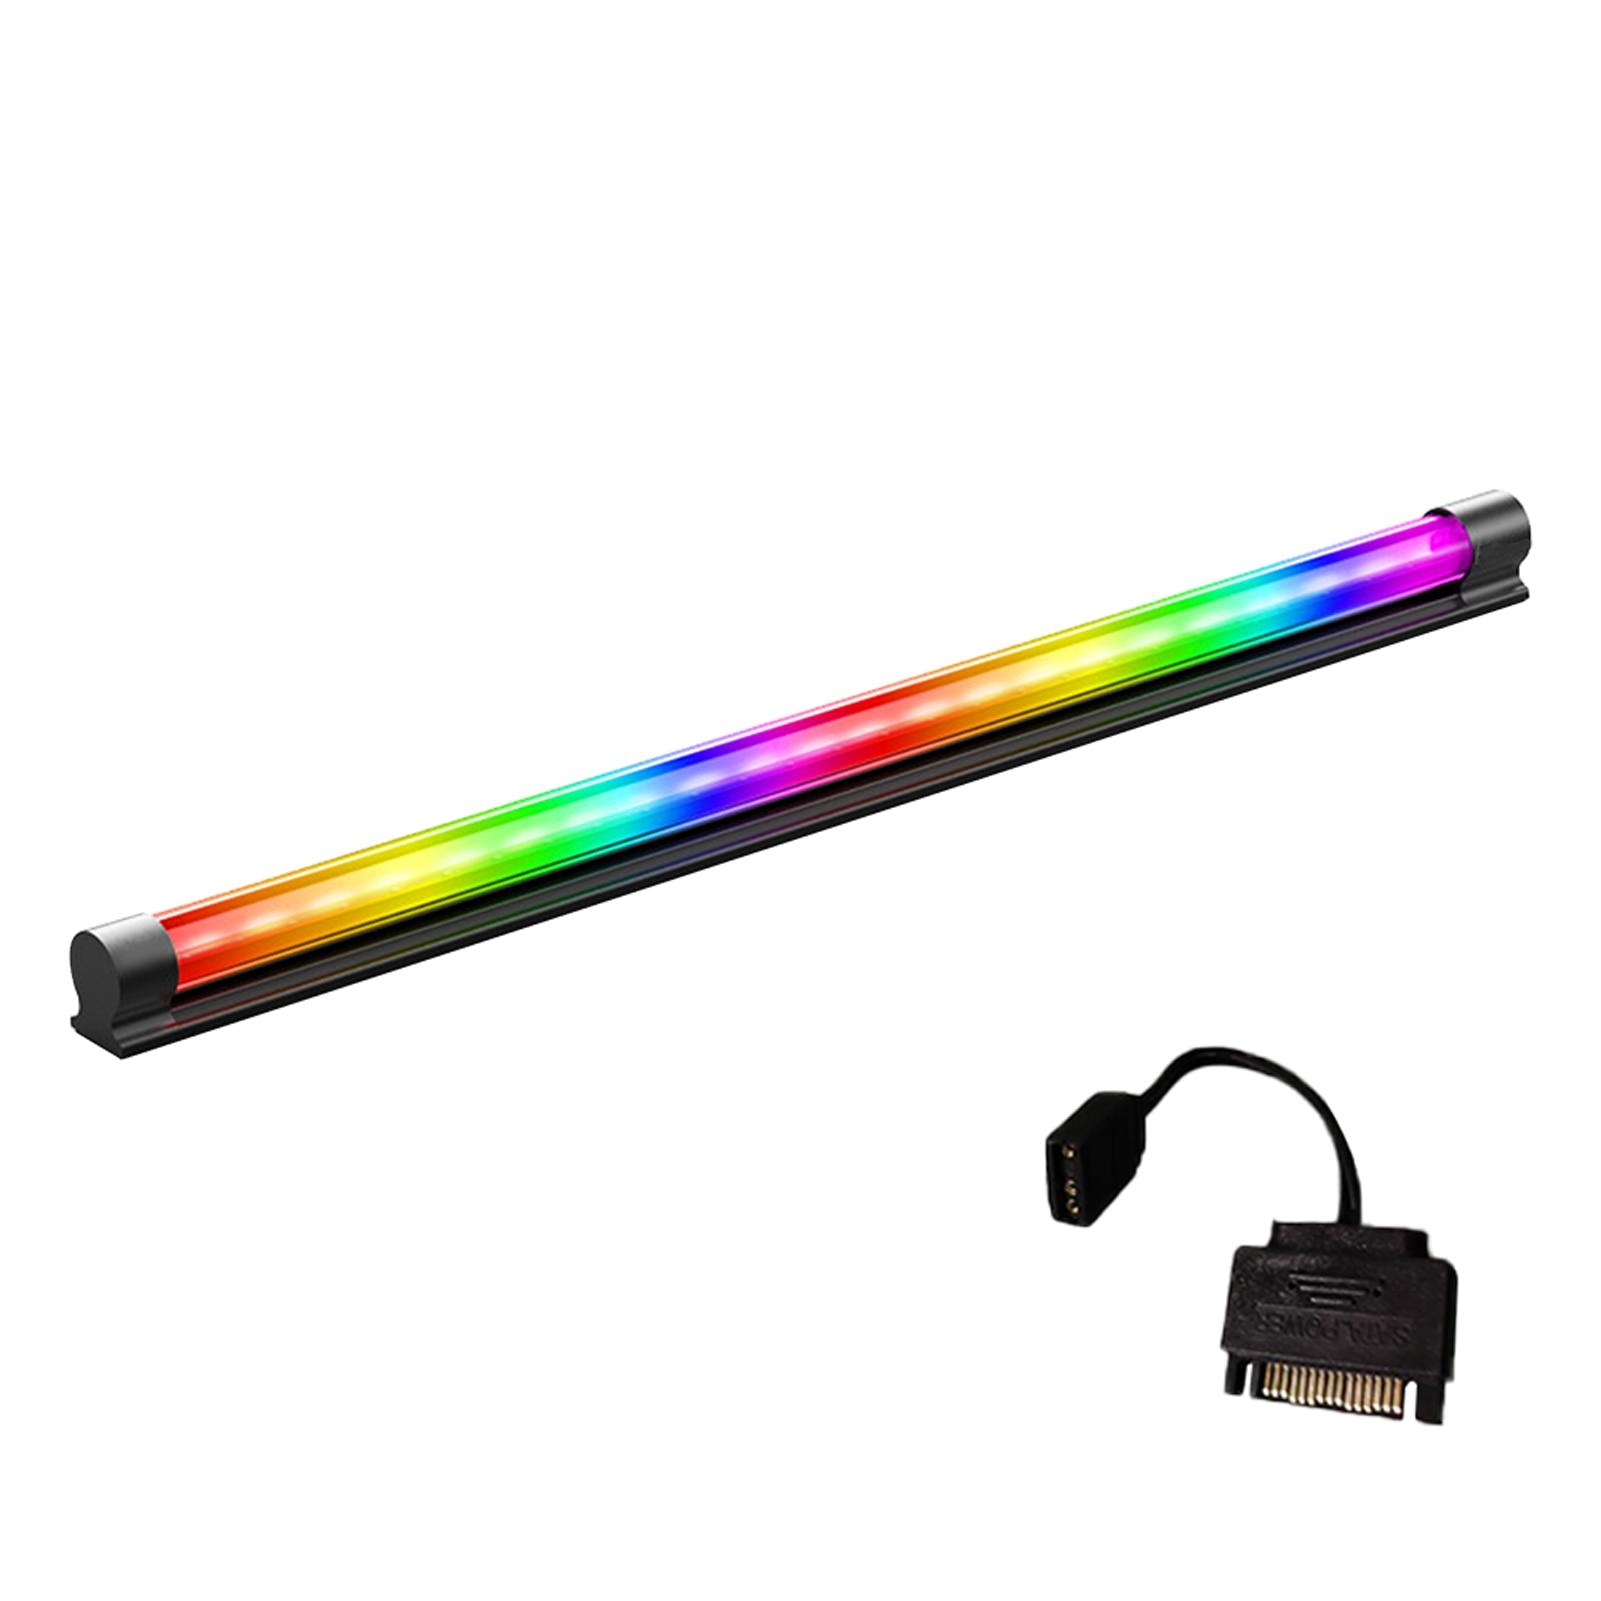 DIY بها بنفسك ل وحدة معالجة خارجية للحاسوب سهلة التركيب ليلة تلفزيون محمول سطح المكتب اكسسوارات مصباح ليد قطاع تحت خزانة المنزل ARGB الإضاءة